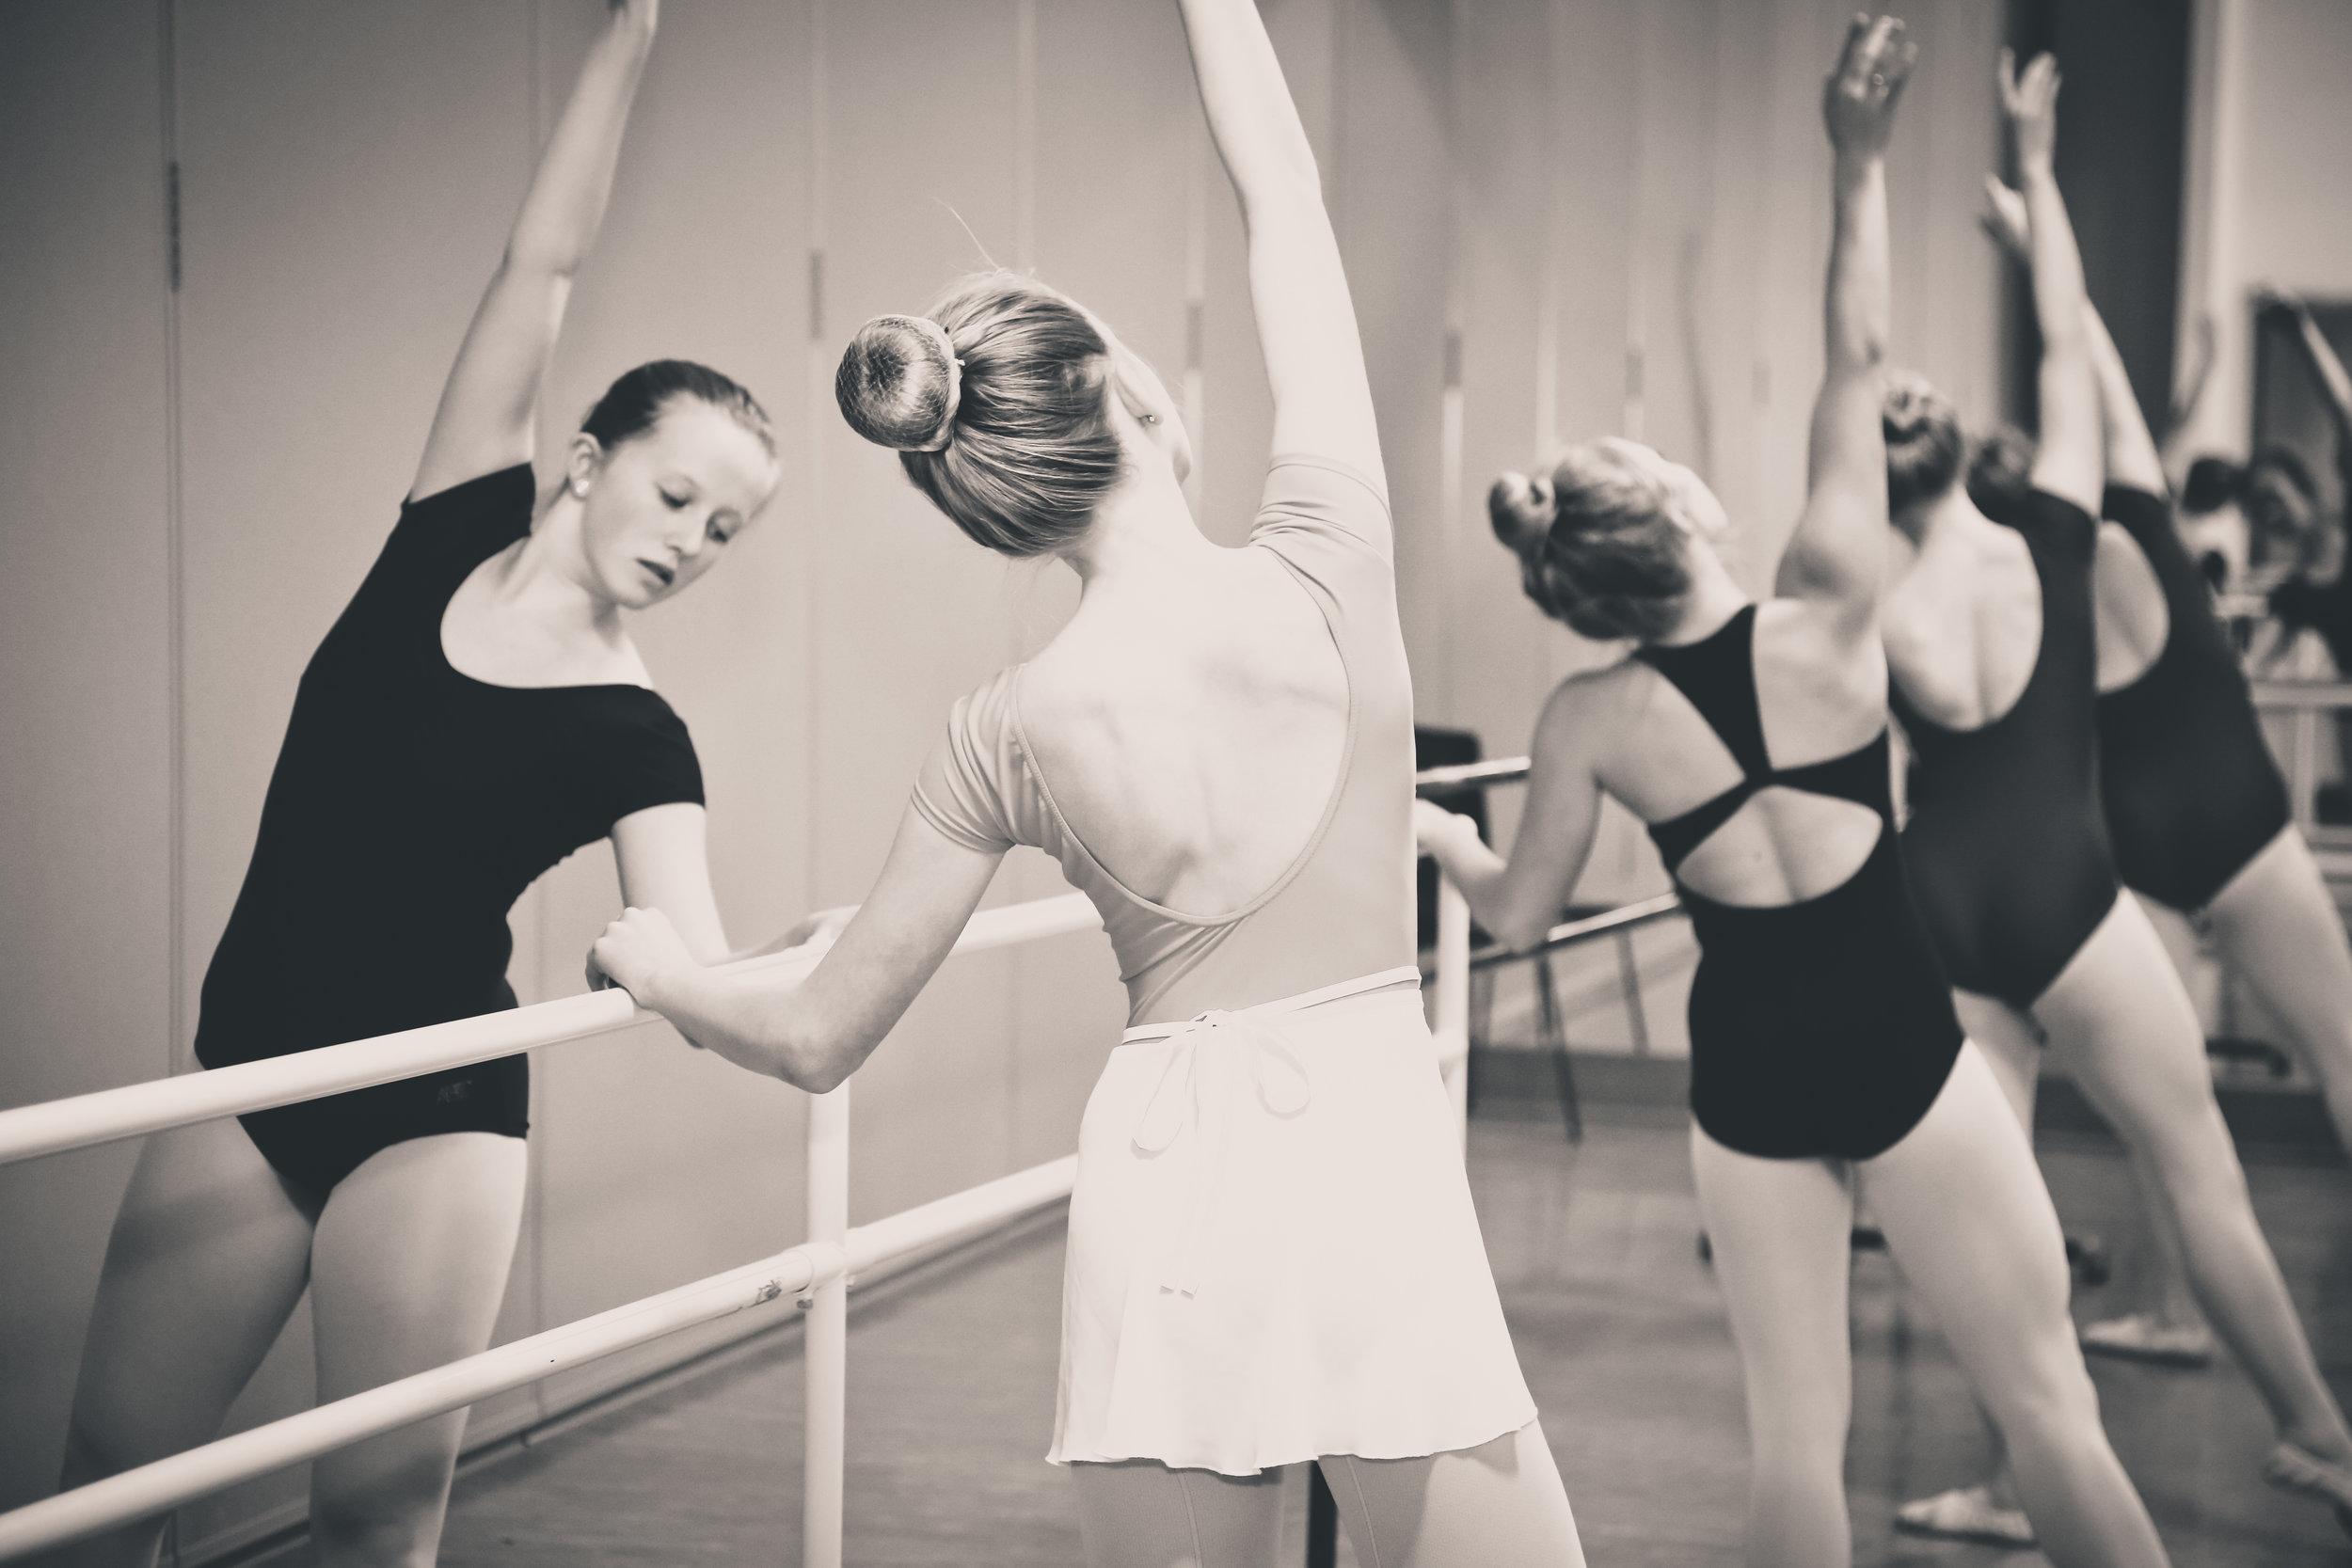 ballet advanced intermediate dance seattle shoreline .jpg